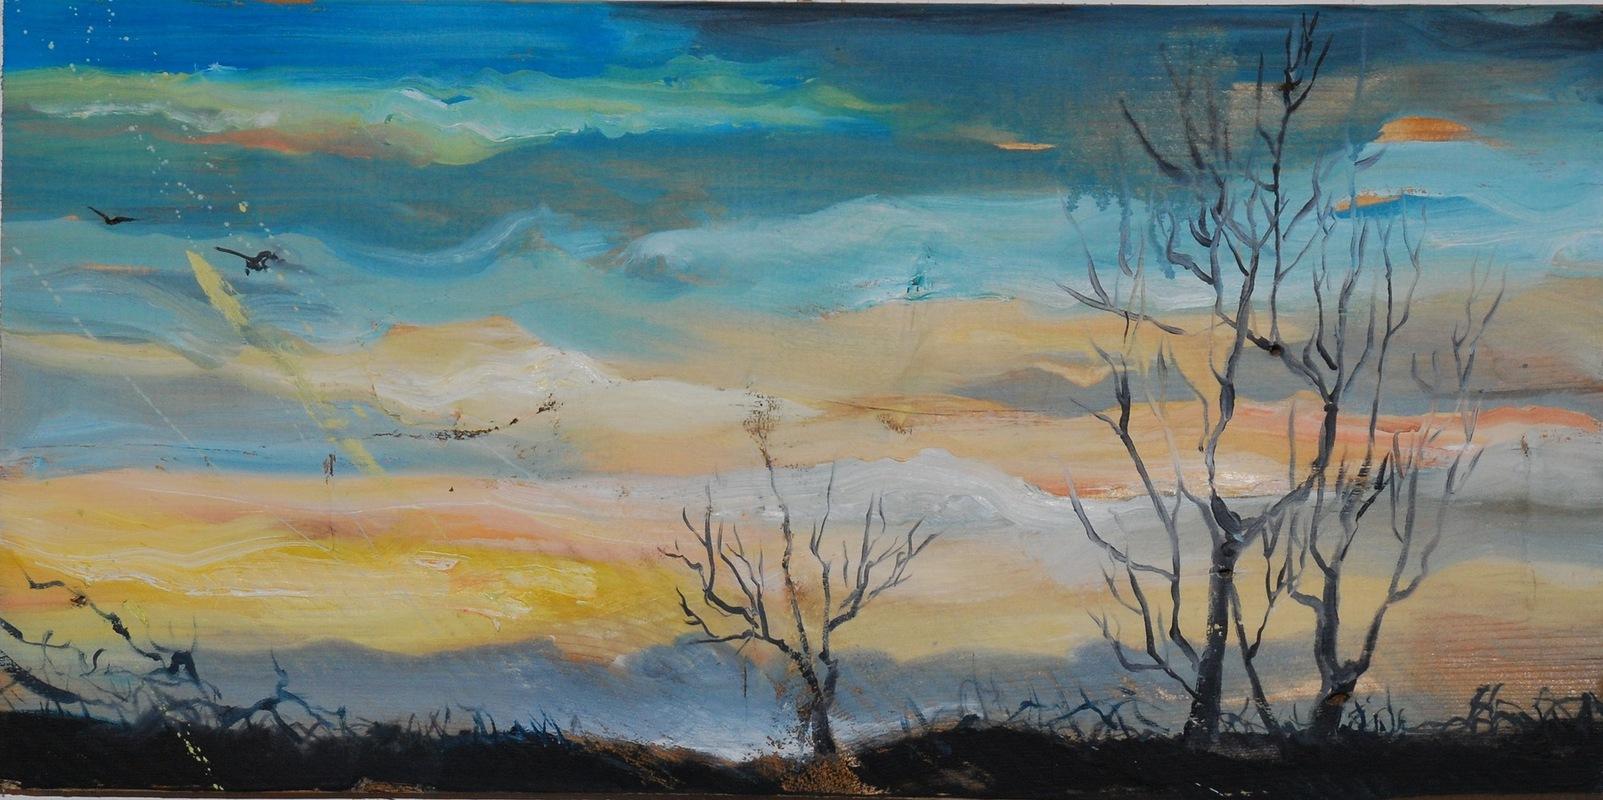 Martina Dalla Stella - Mattino dinverno, olio su tavola, 25x40 cm, 2014